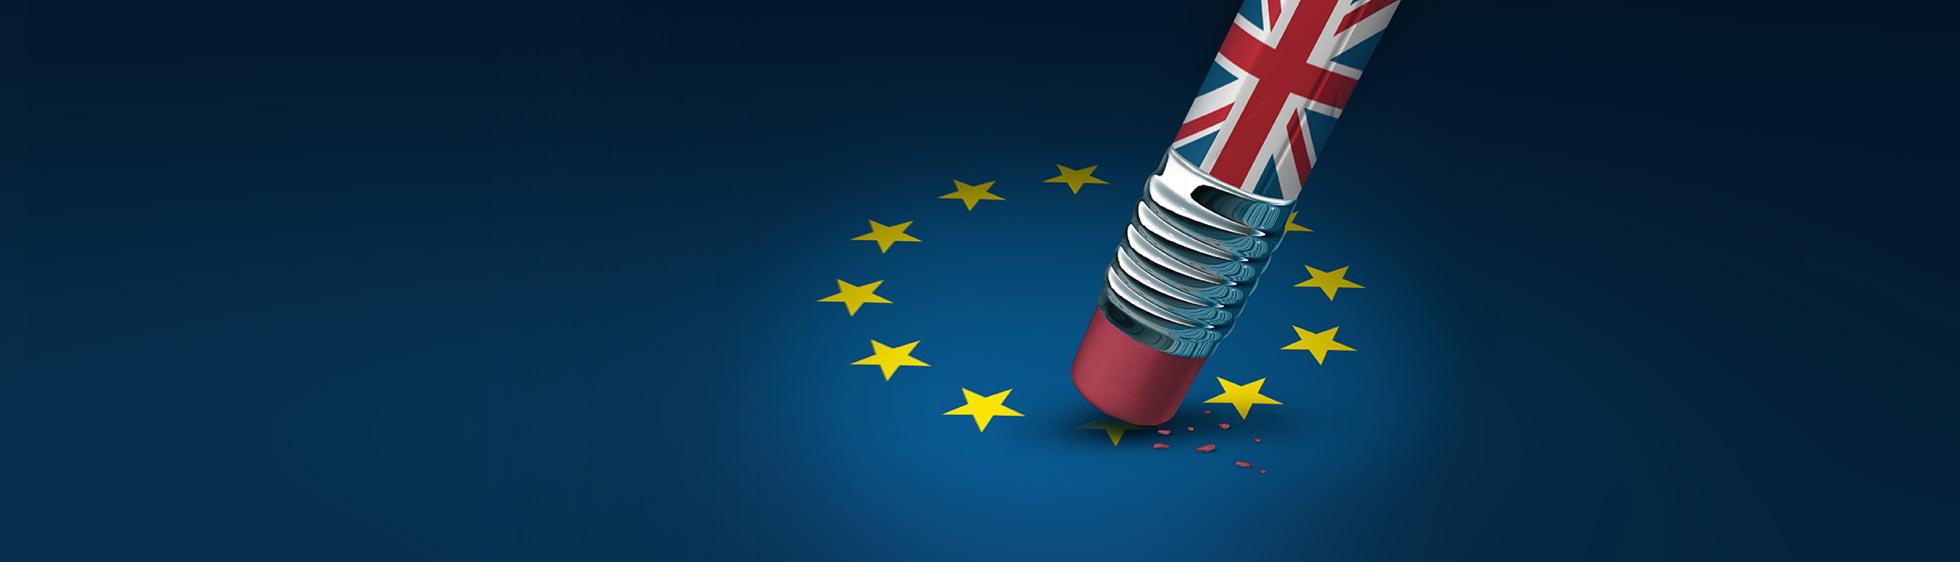 Brexit - Auswirkung auf Unternehmen - Wissenswertes von der Treuhand